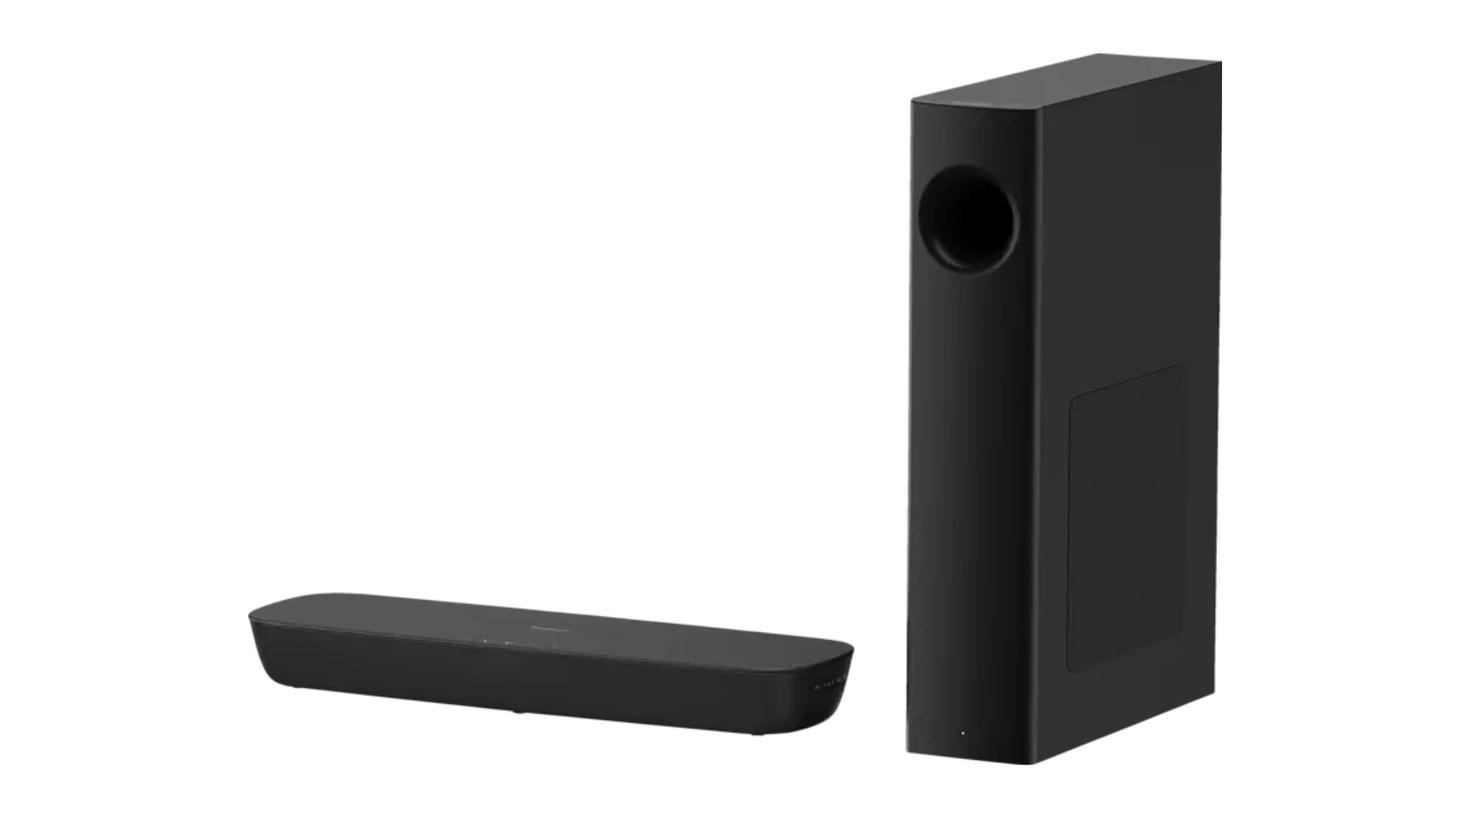 PANASONIC-SC-HTB254-soundbar